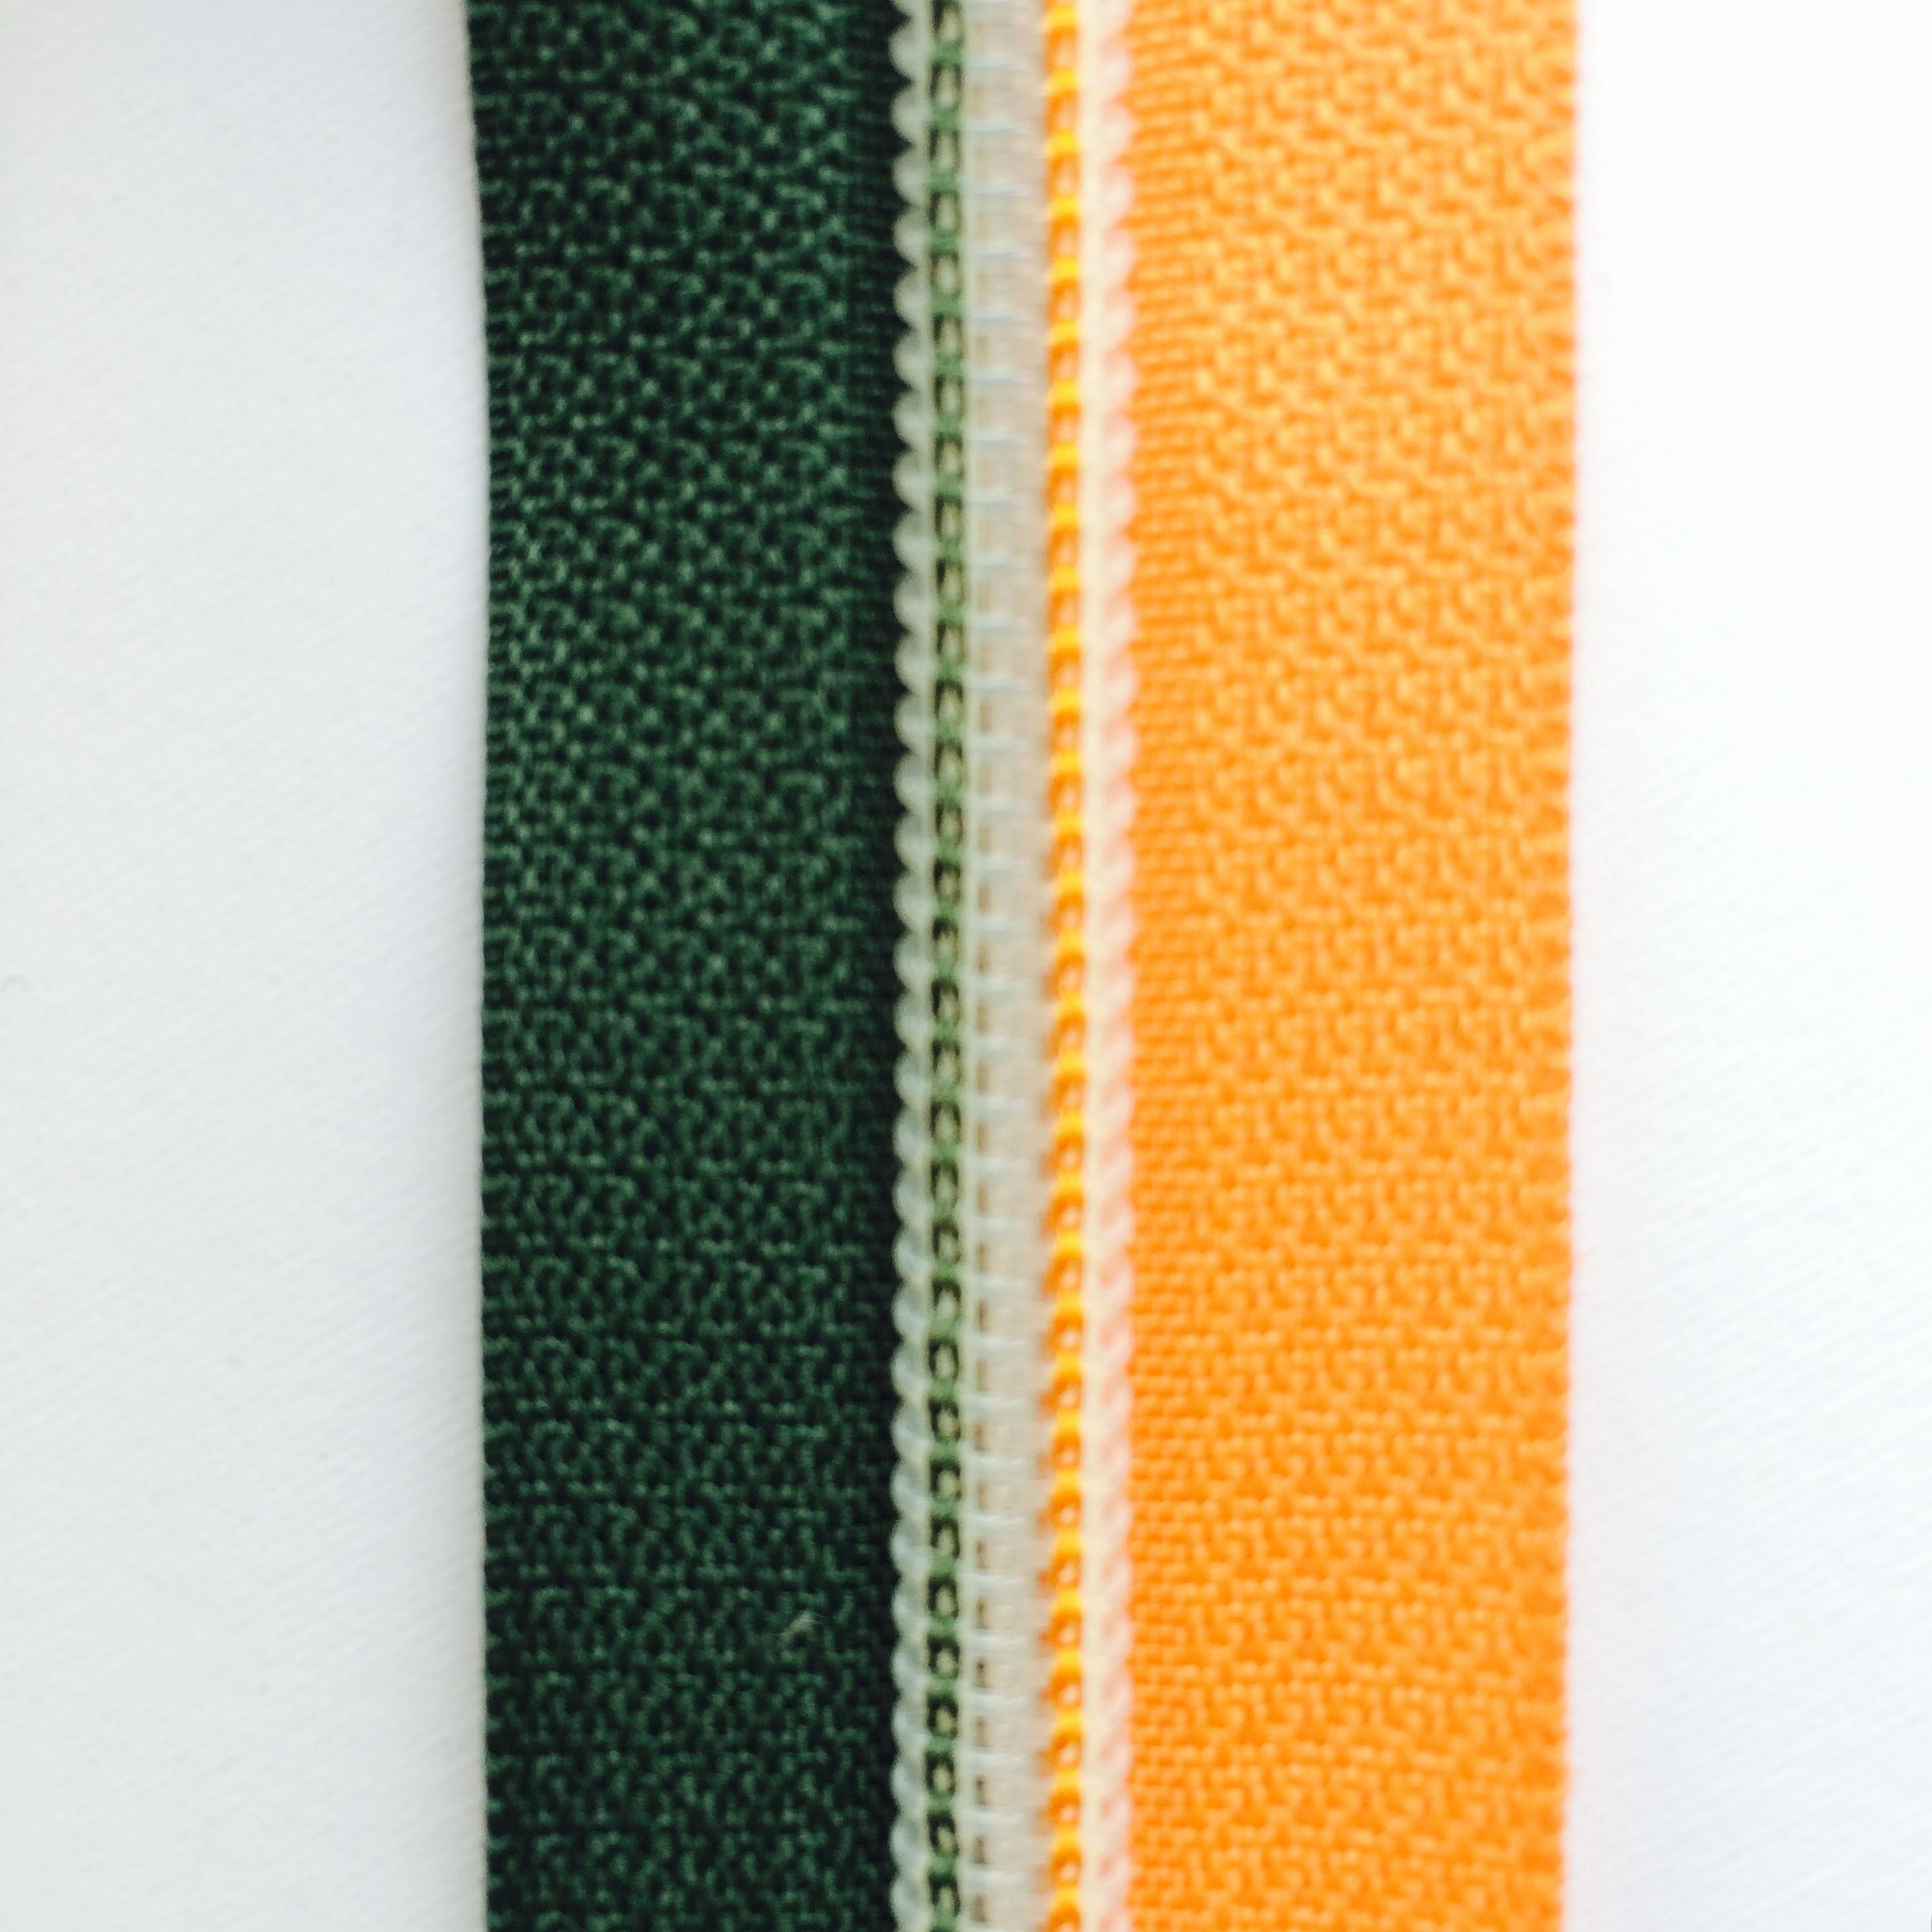 黃綠縫合線